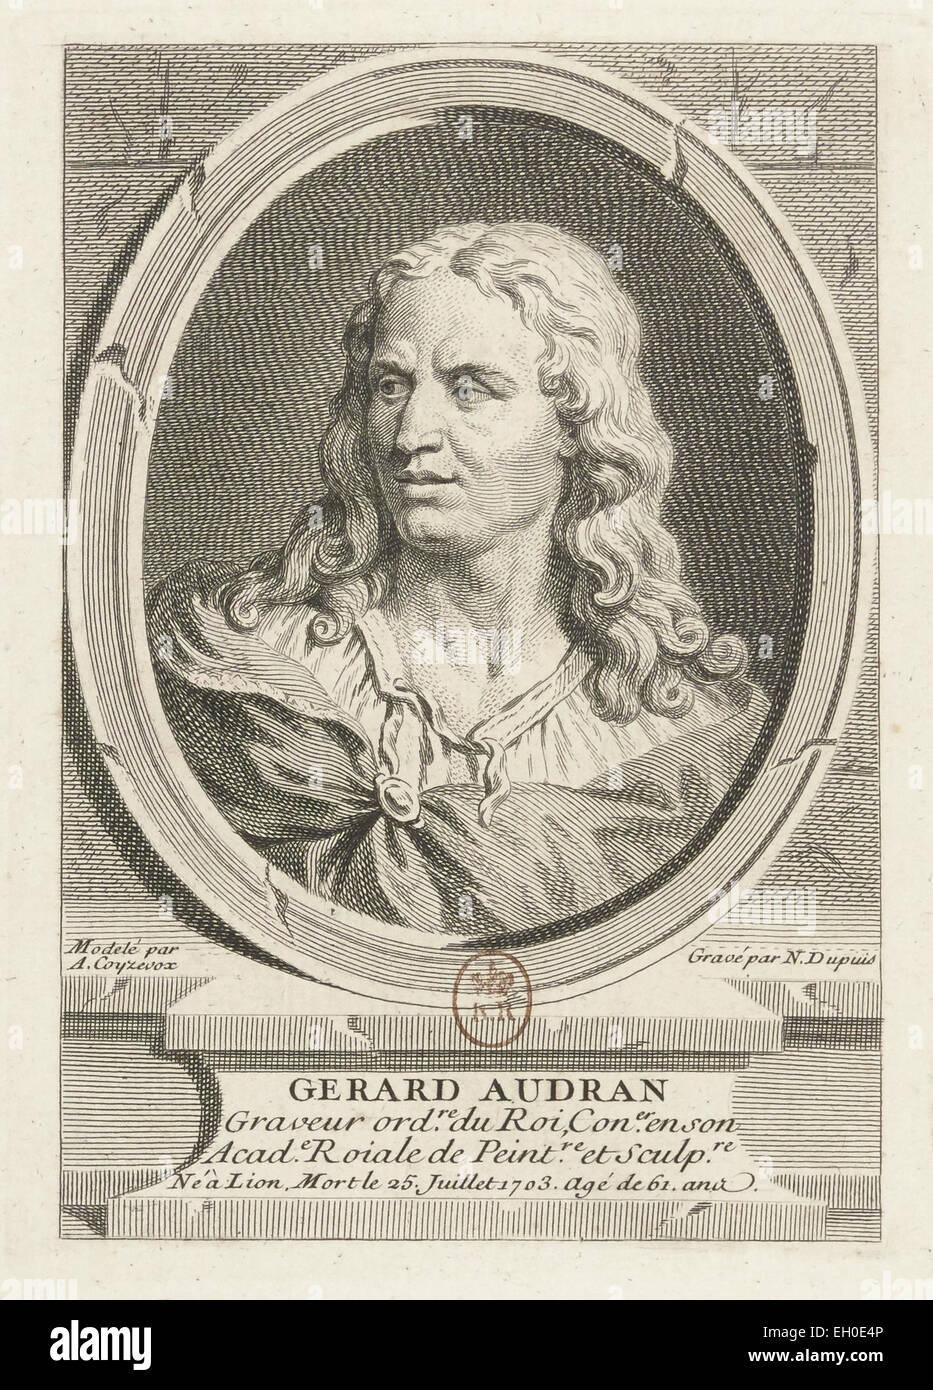 Gérard Audran (1640 - 1703), sculpteur français. - Stock Image